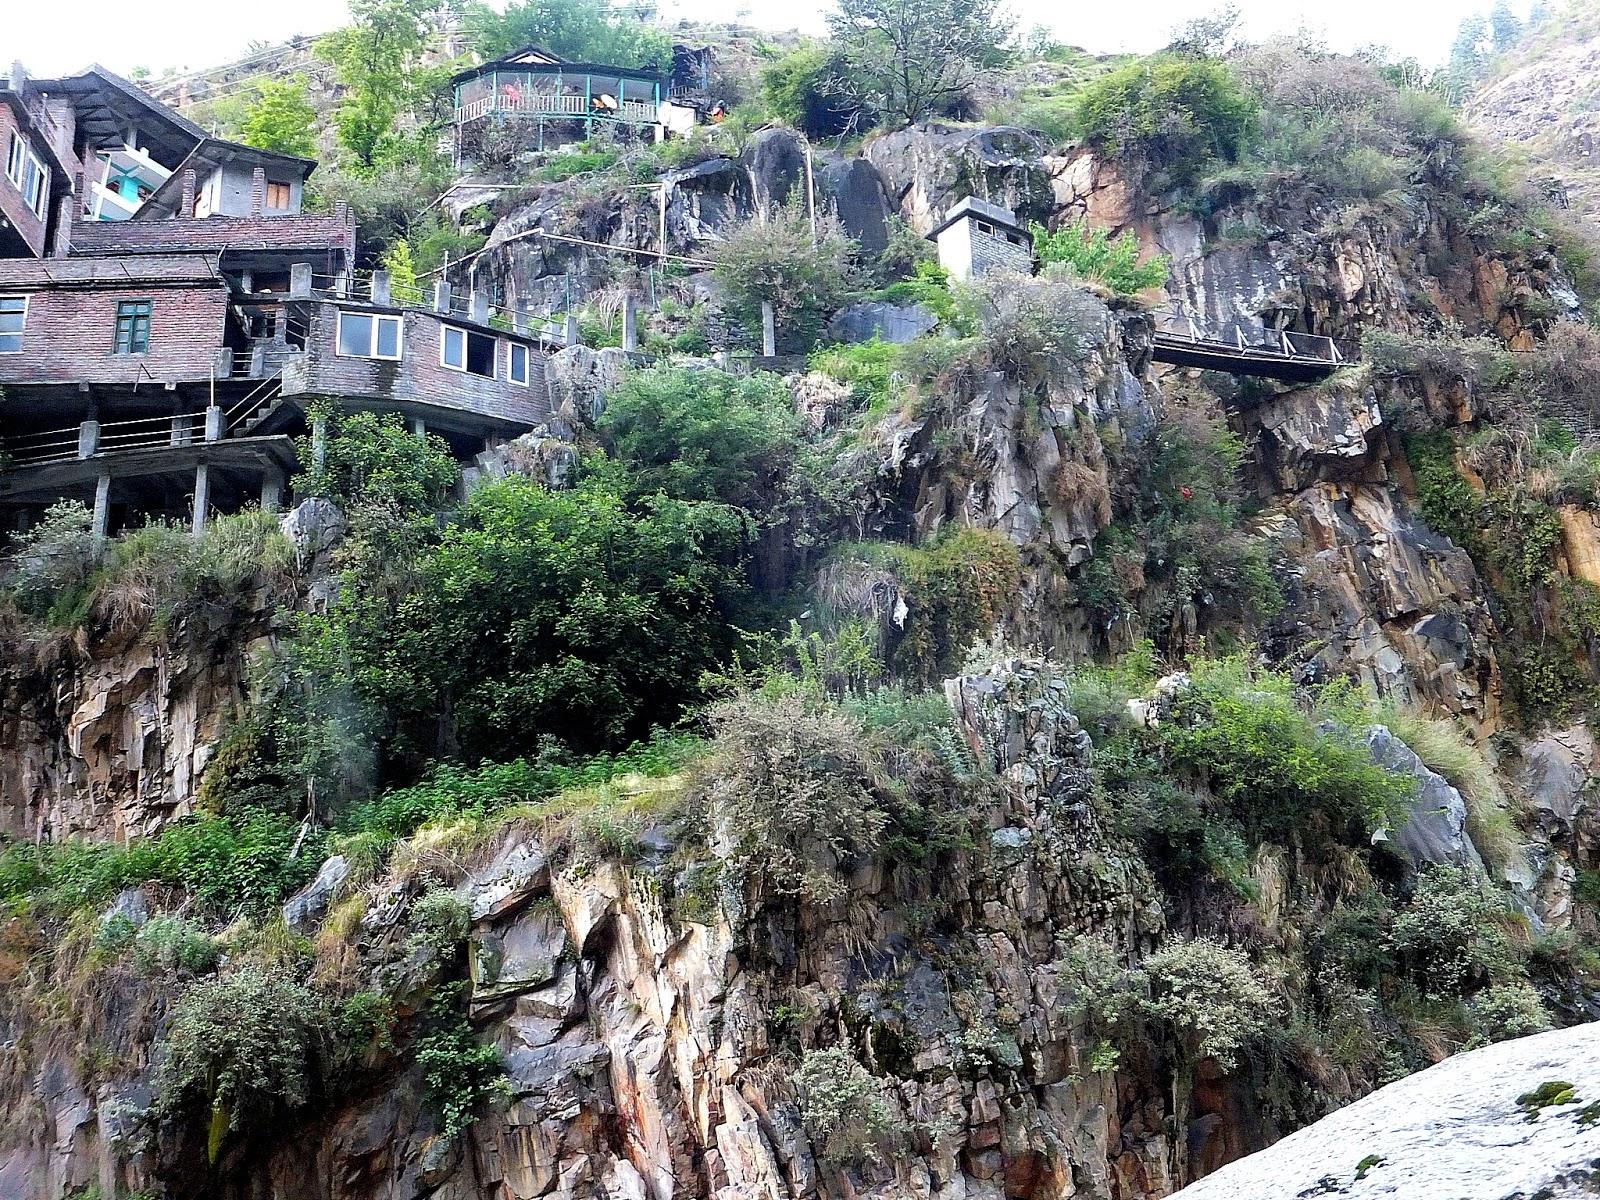 жилые дома на отвесном склоне в Маникаране